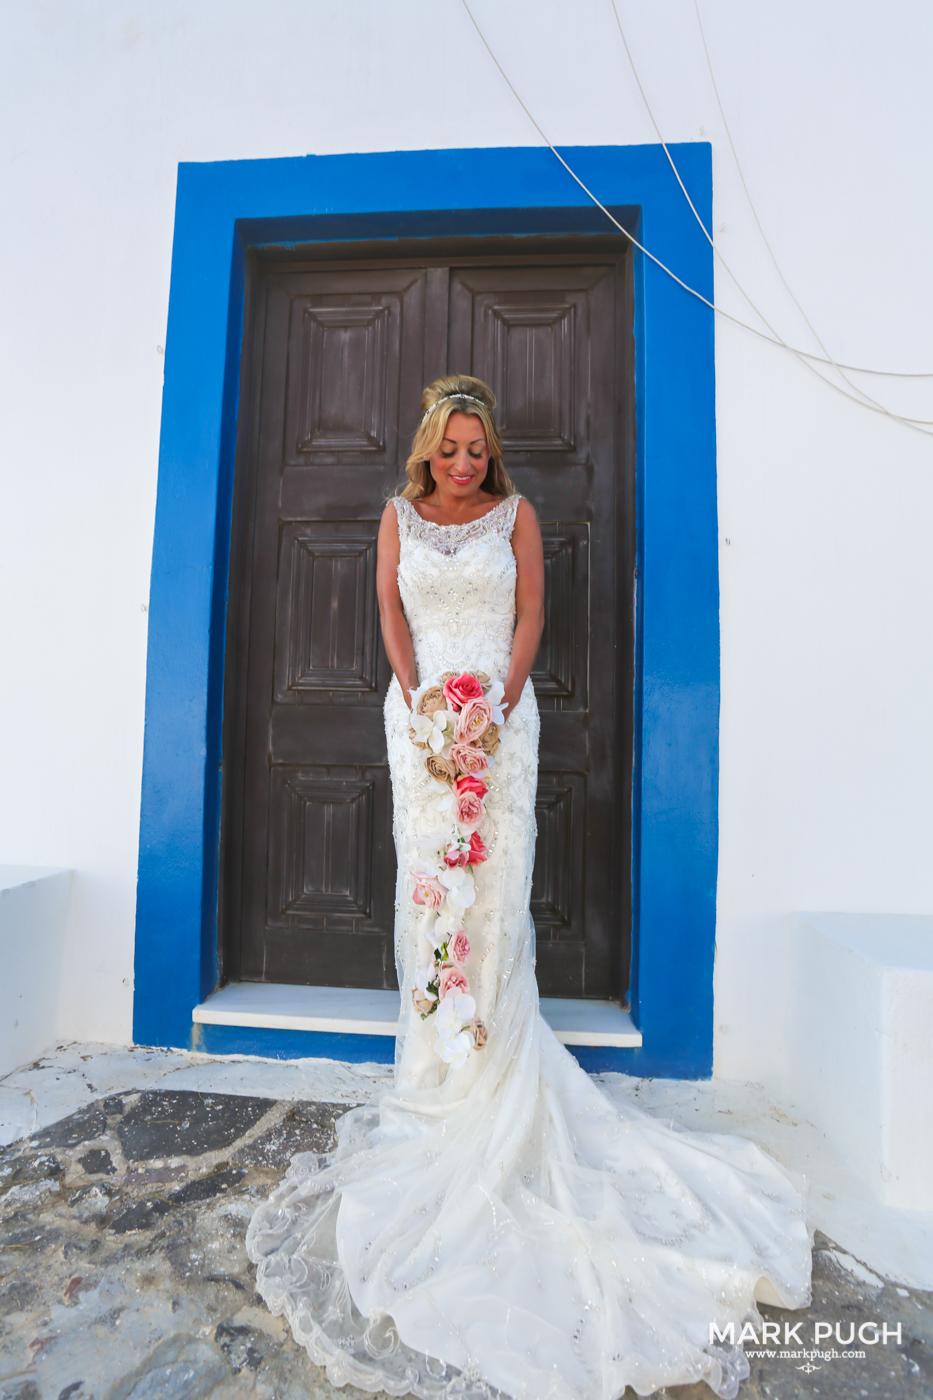 034 - Kerry and Lee - Destination Wedding in Santorini by www.markpugh.com -0815.JPG